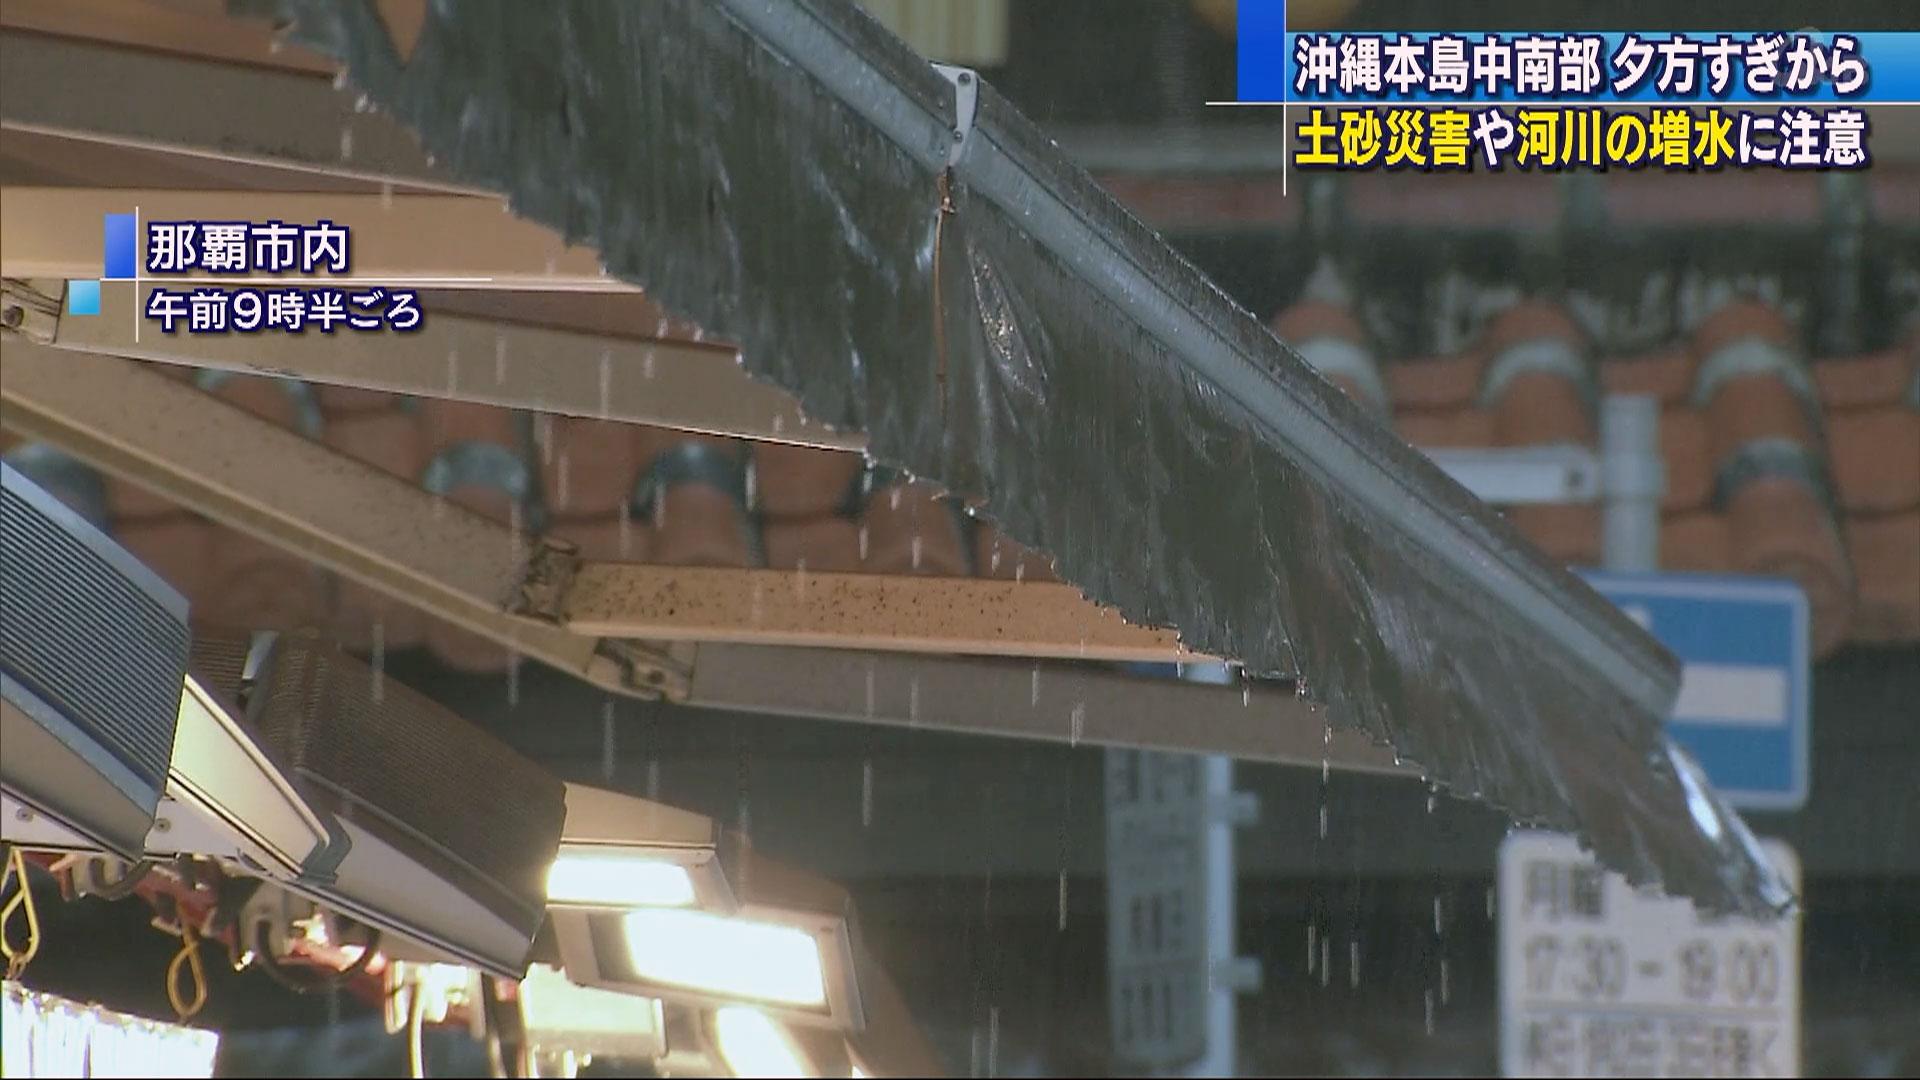 県内朝からぐずついた天気